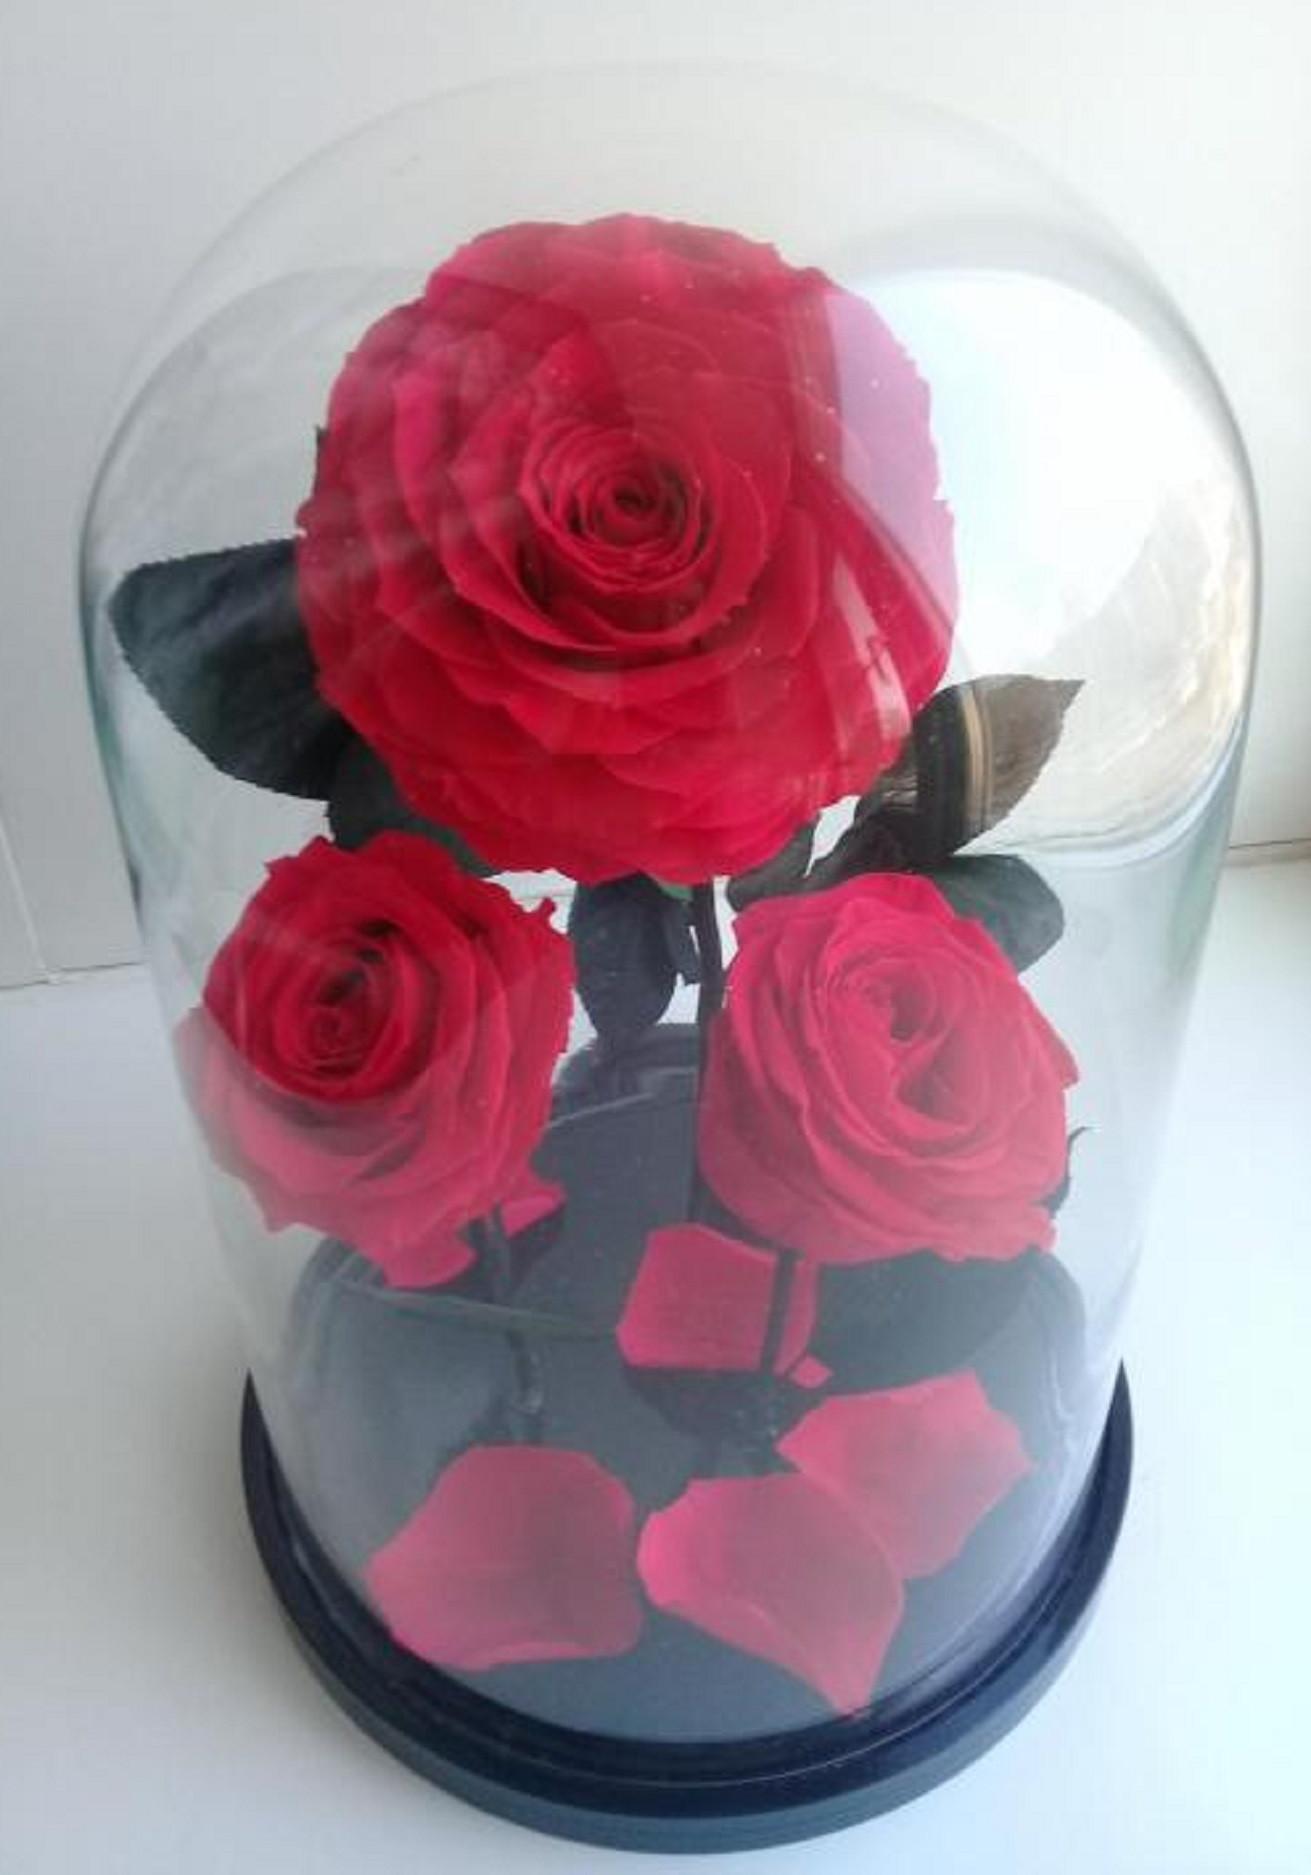 Роза в колбе Трио Кинг Фуксия 32*22*12 см